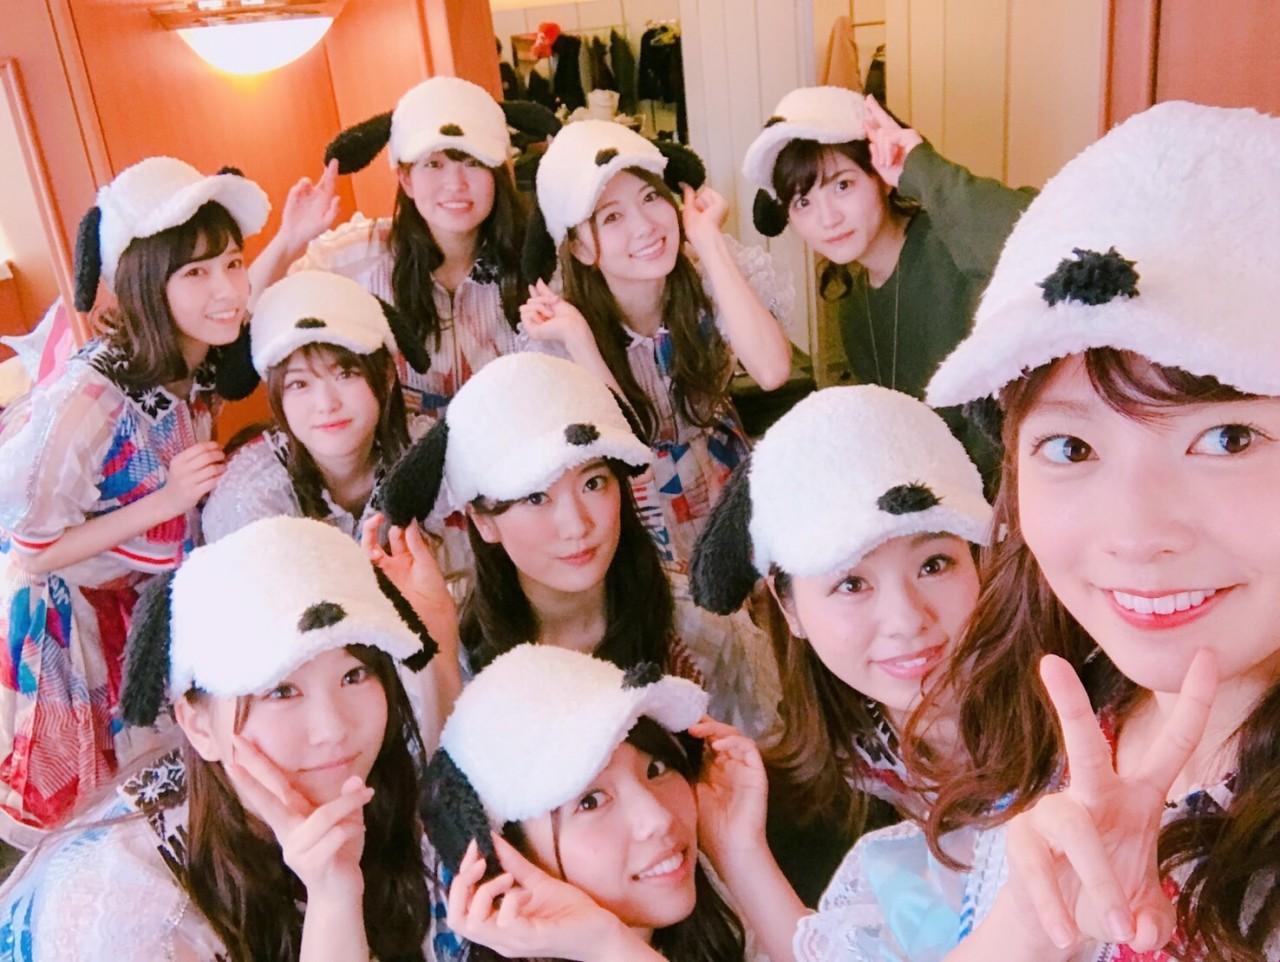 乃木坂46がUNIVERSAL STUDIOS JAPAN